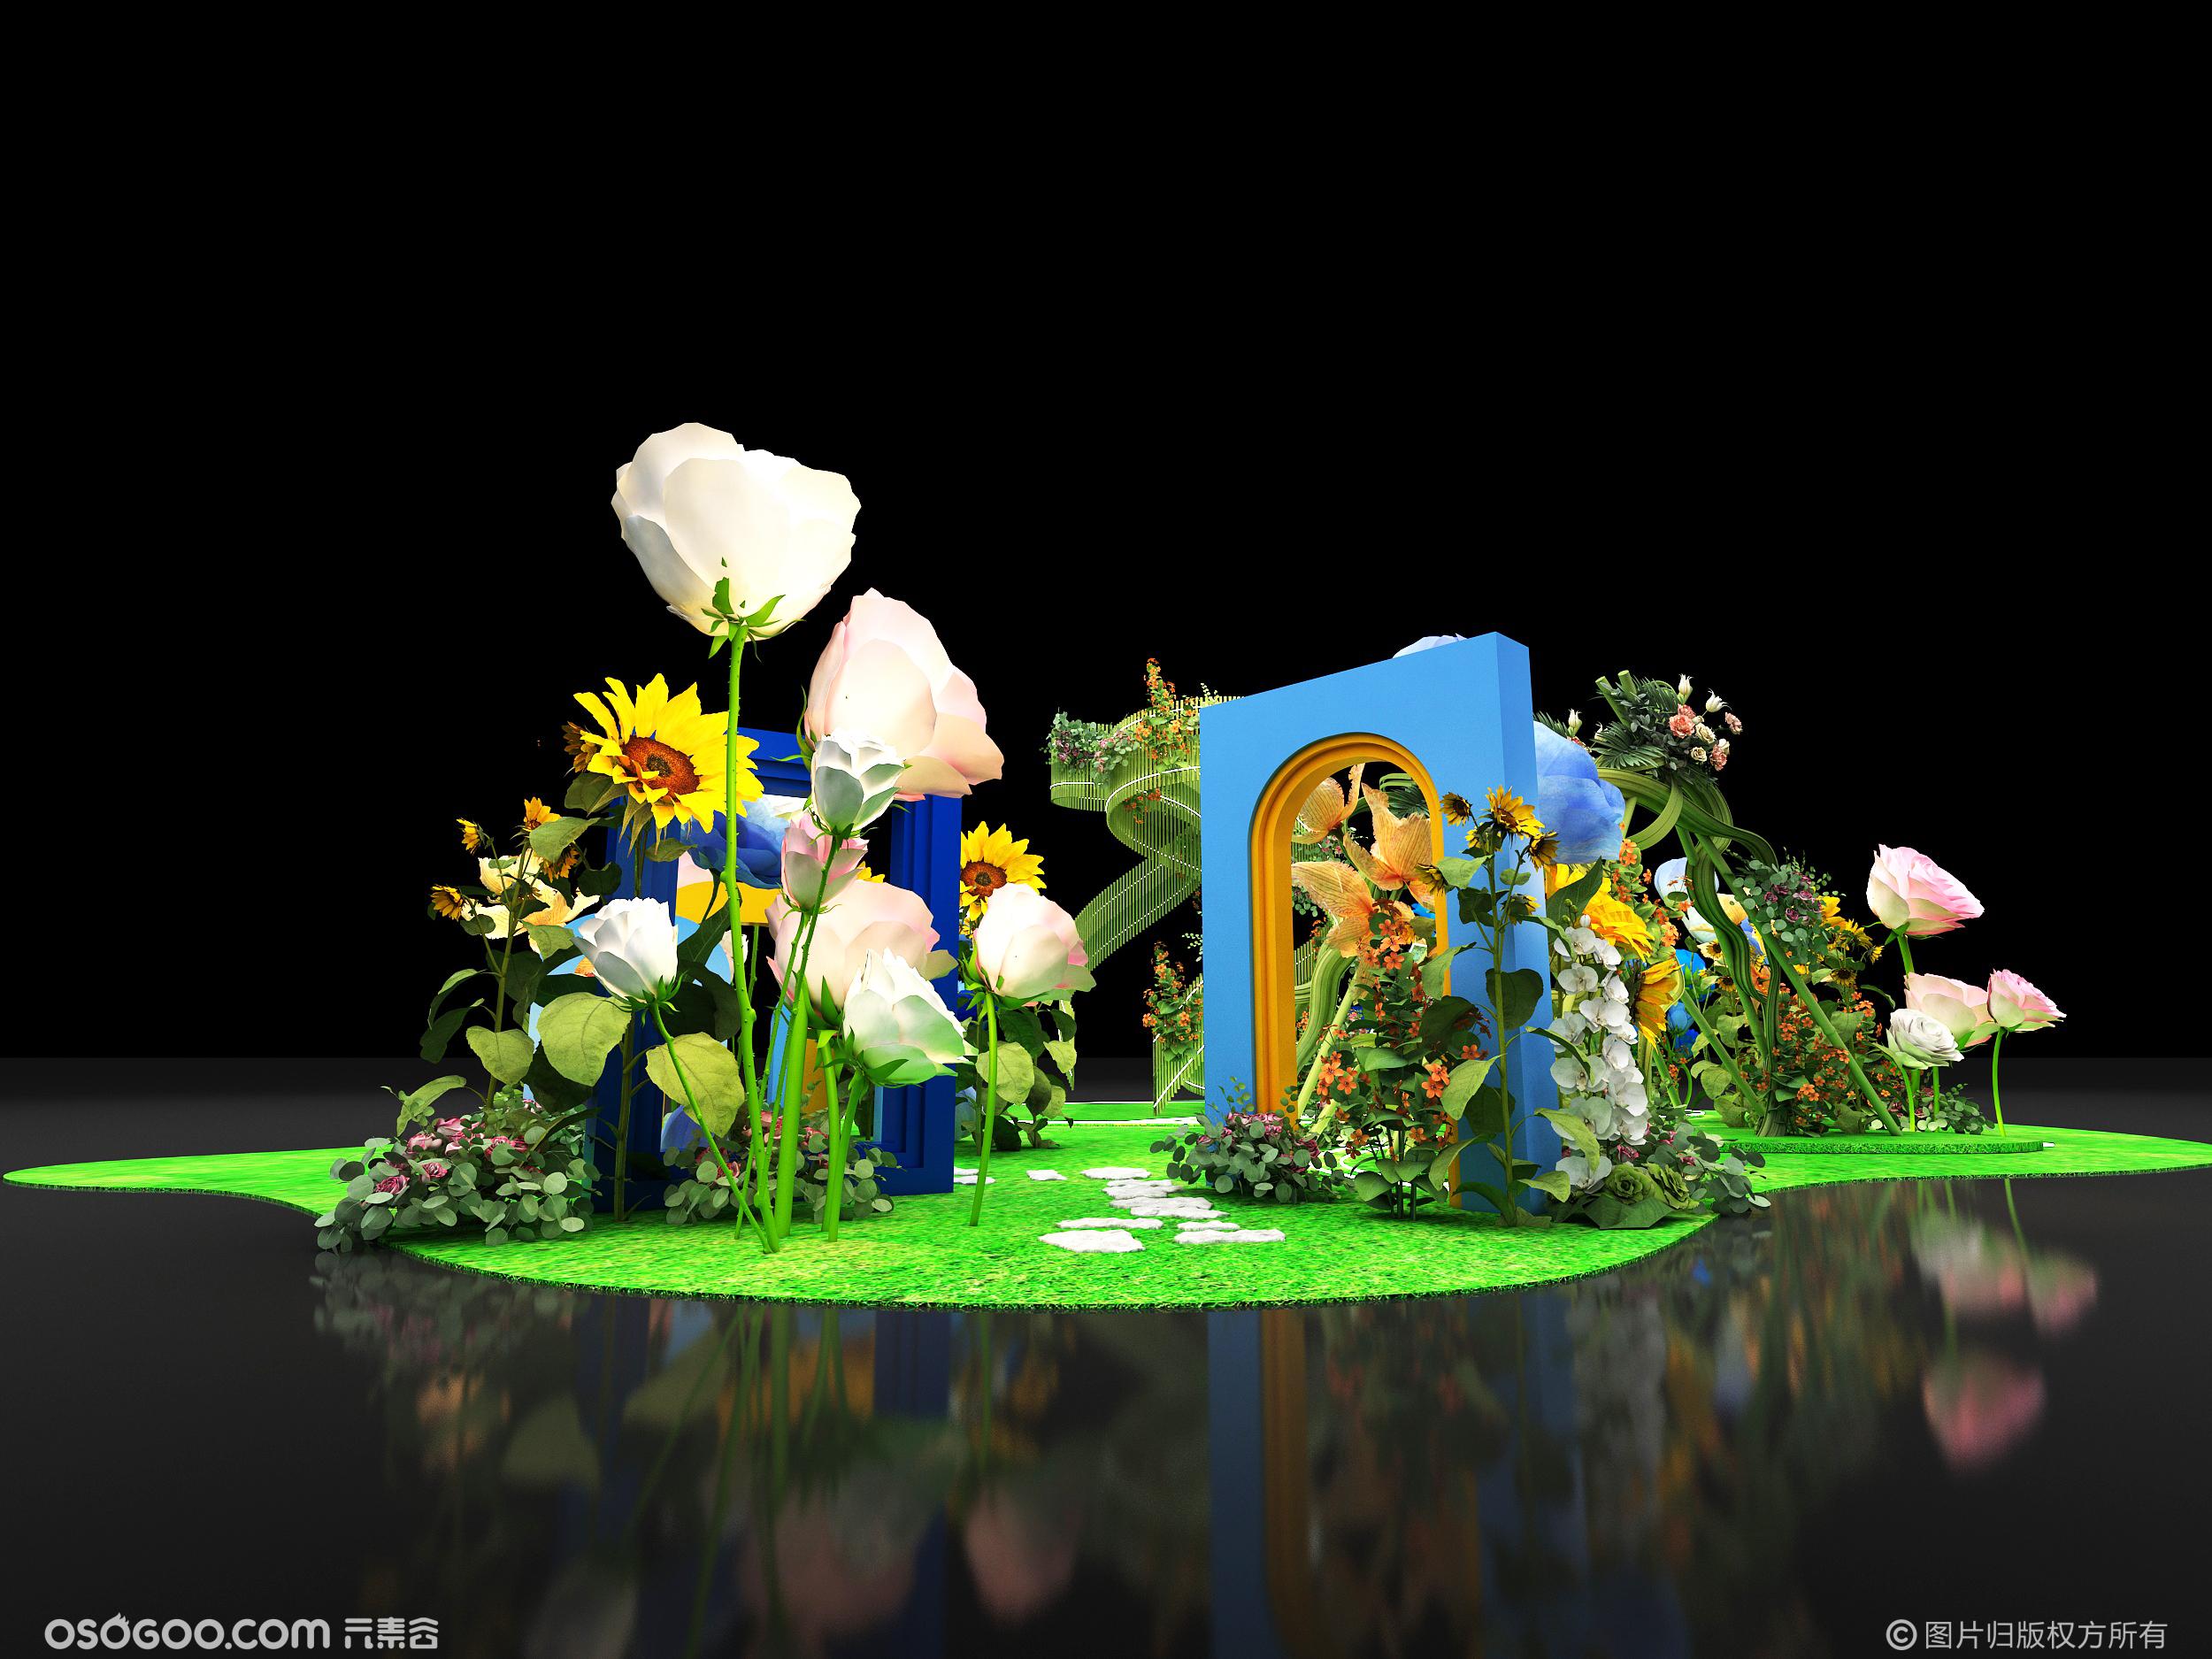 3D效果图▪商场中庭花艺梦境美陈拍照打卡点设计